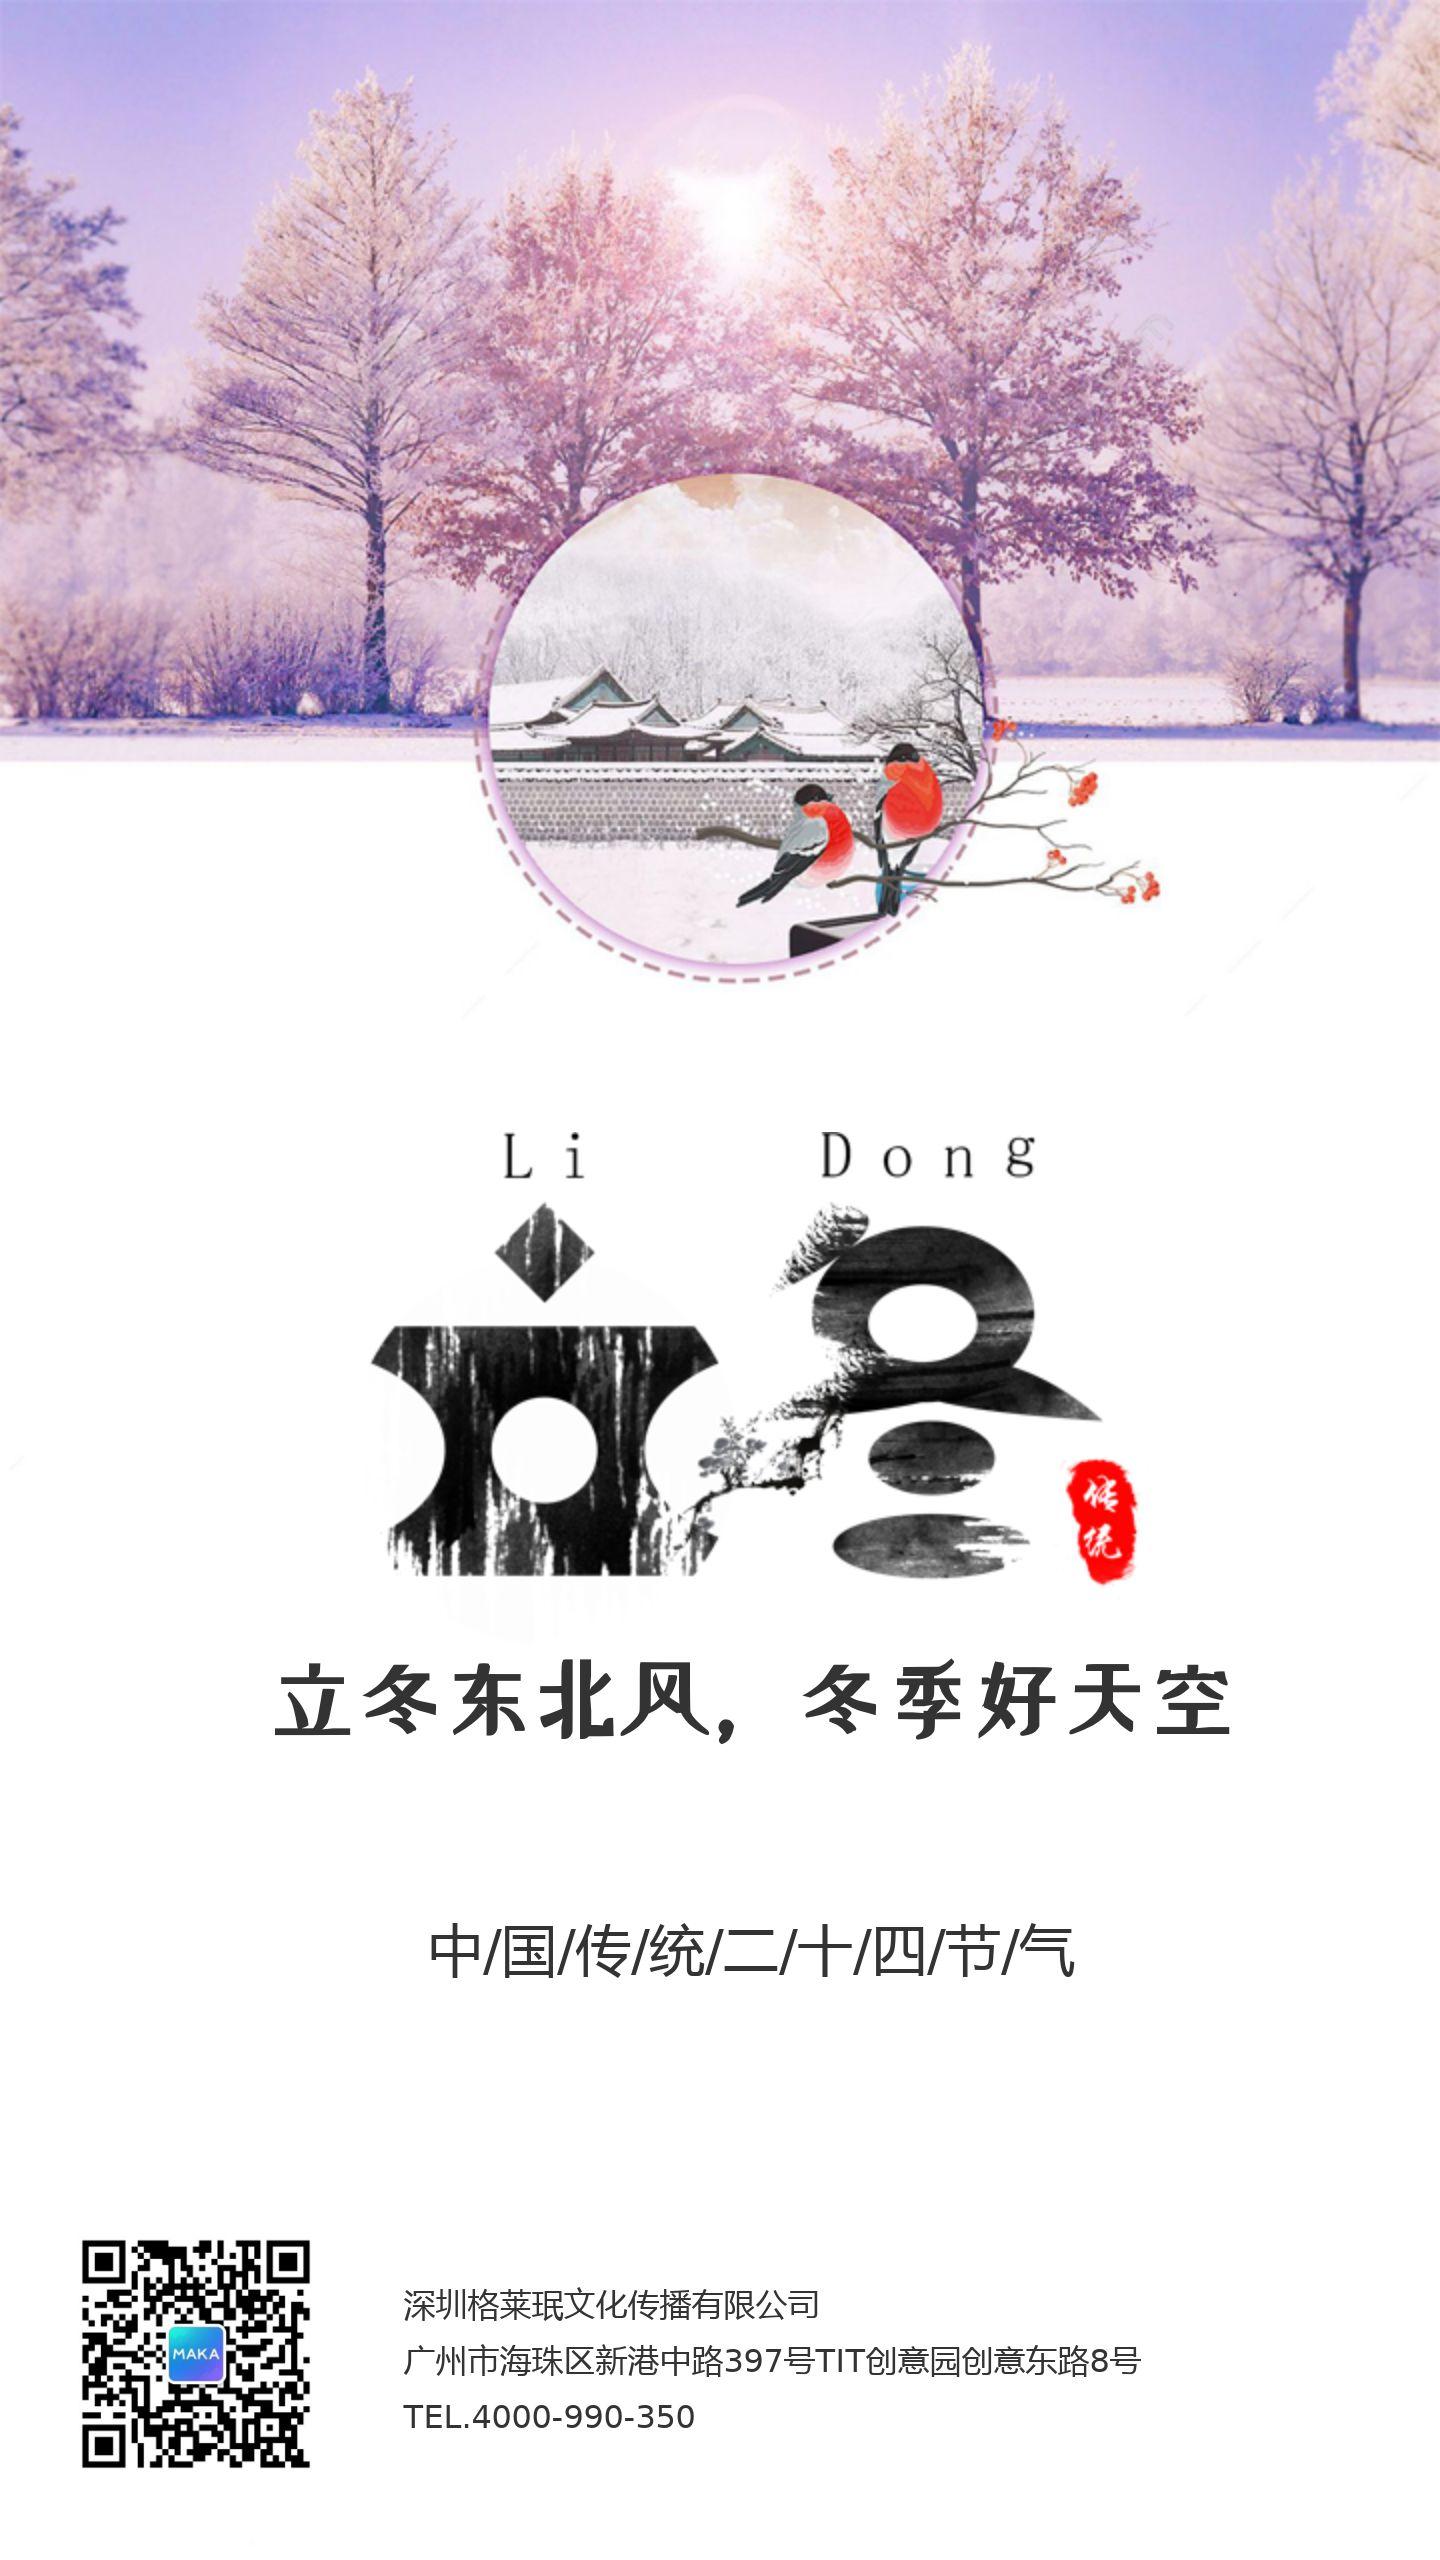 简约文艺传统节气立冬日签海报